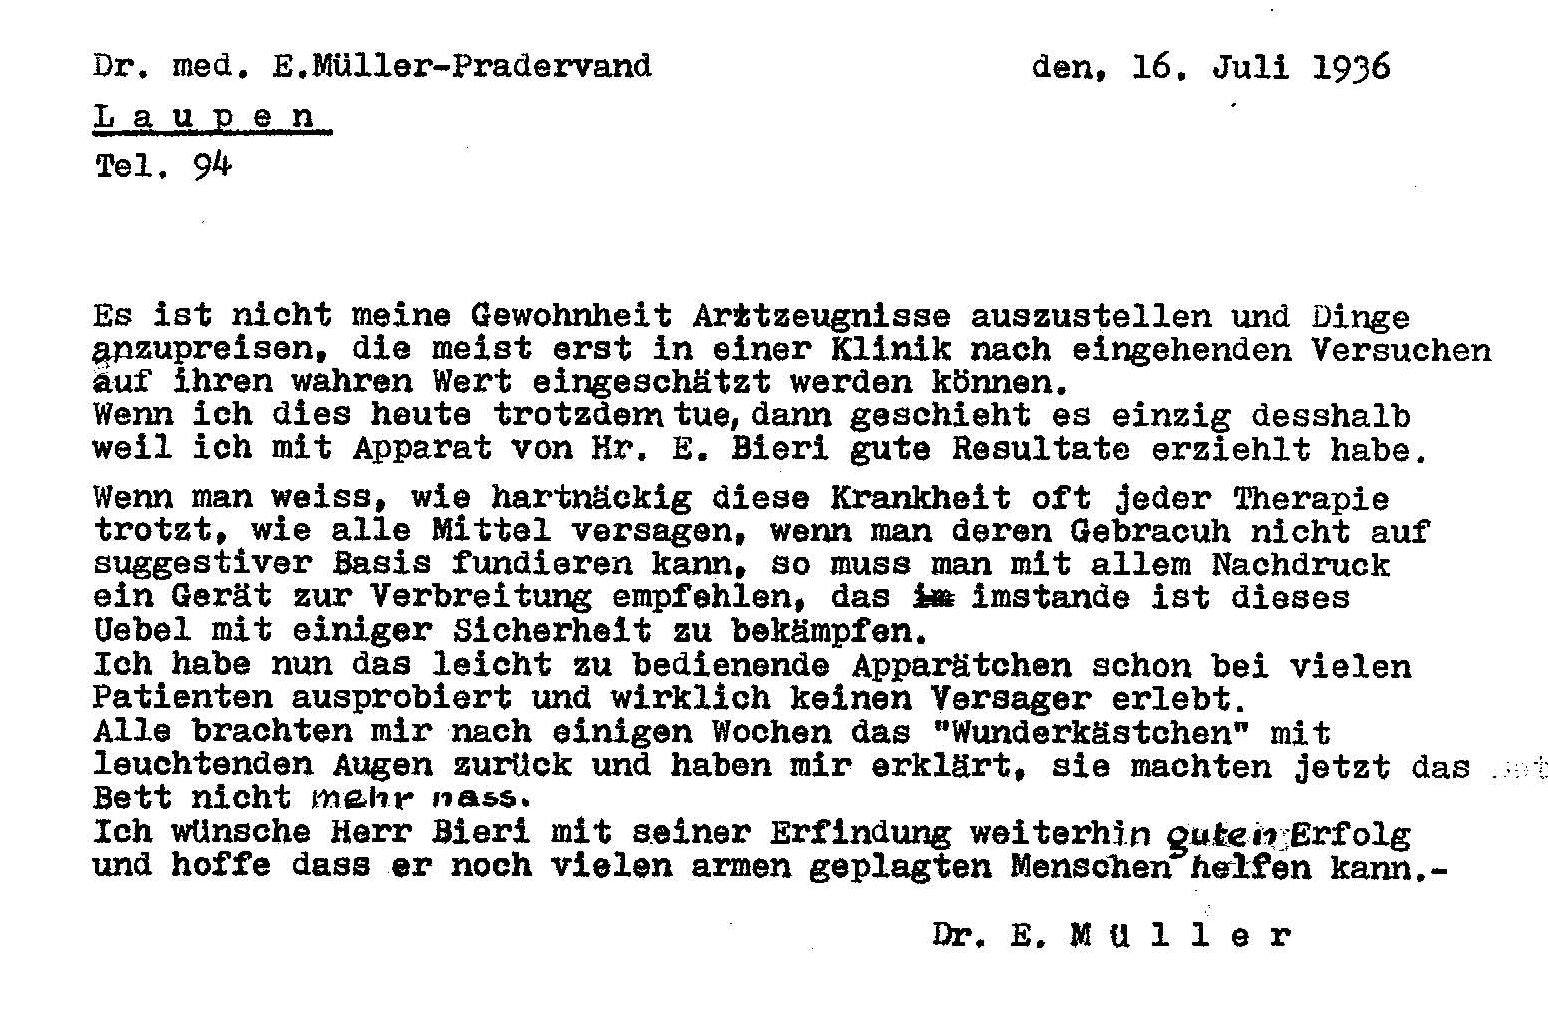 Dr-Mueller-Pradervand 16.7.1936